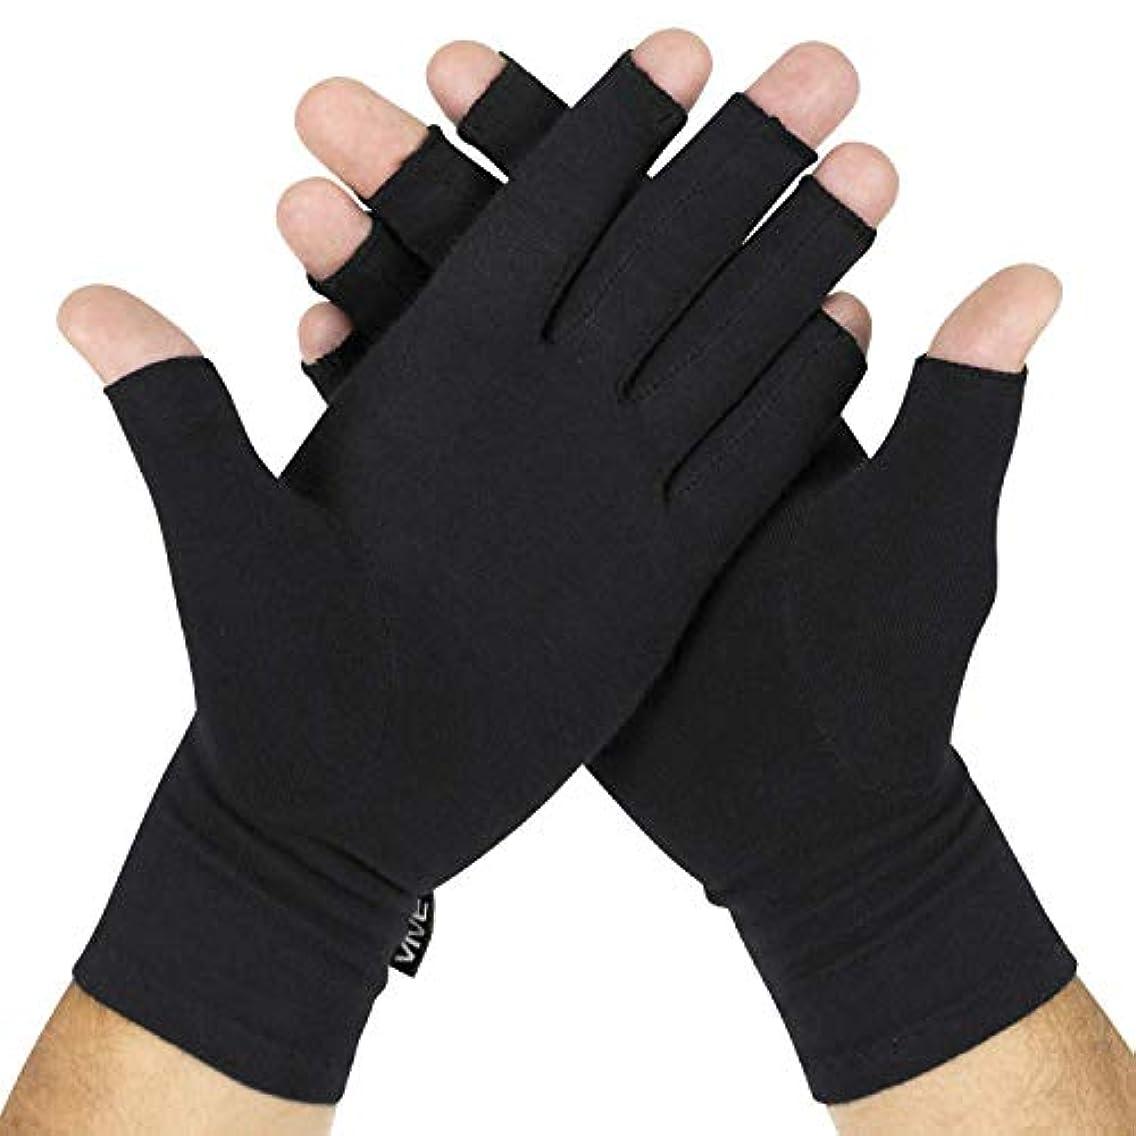 ヨーグルト事目を覚ますAMAZACER 関節炎の関節症状の救済(2個)、5pair、Sのための関節リウマチ手袋、手の痛みや変形性関節症のために男性と女性の指なし圧縮ラップ (Color : 10pair, Size : Large)